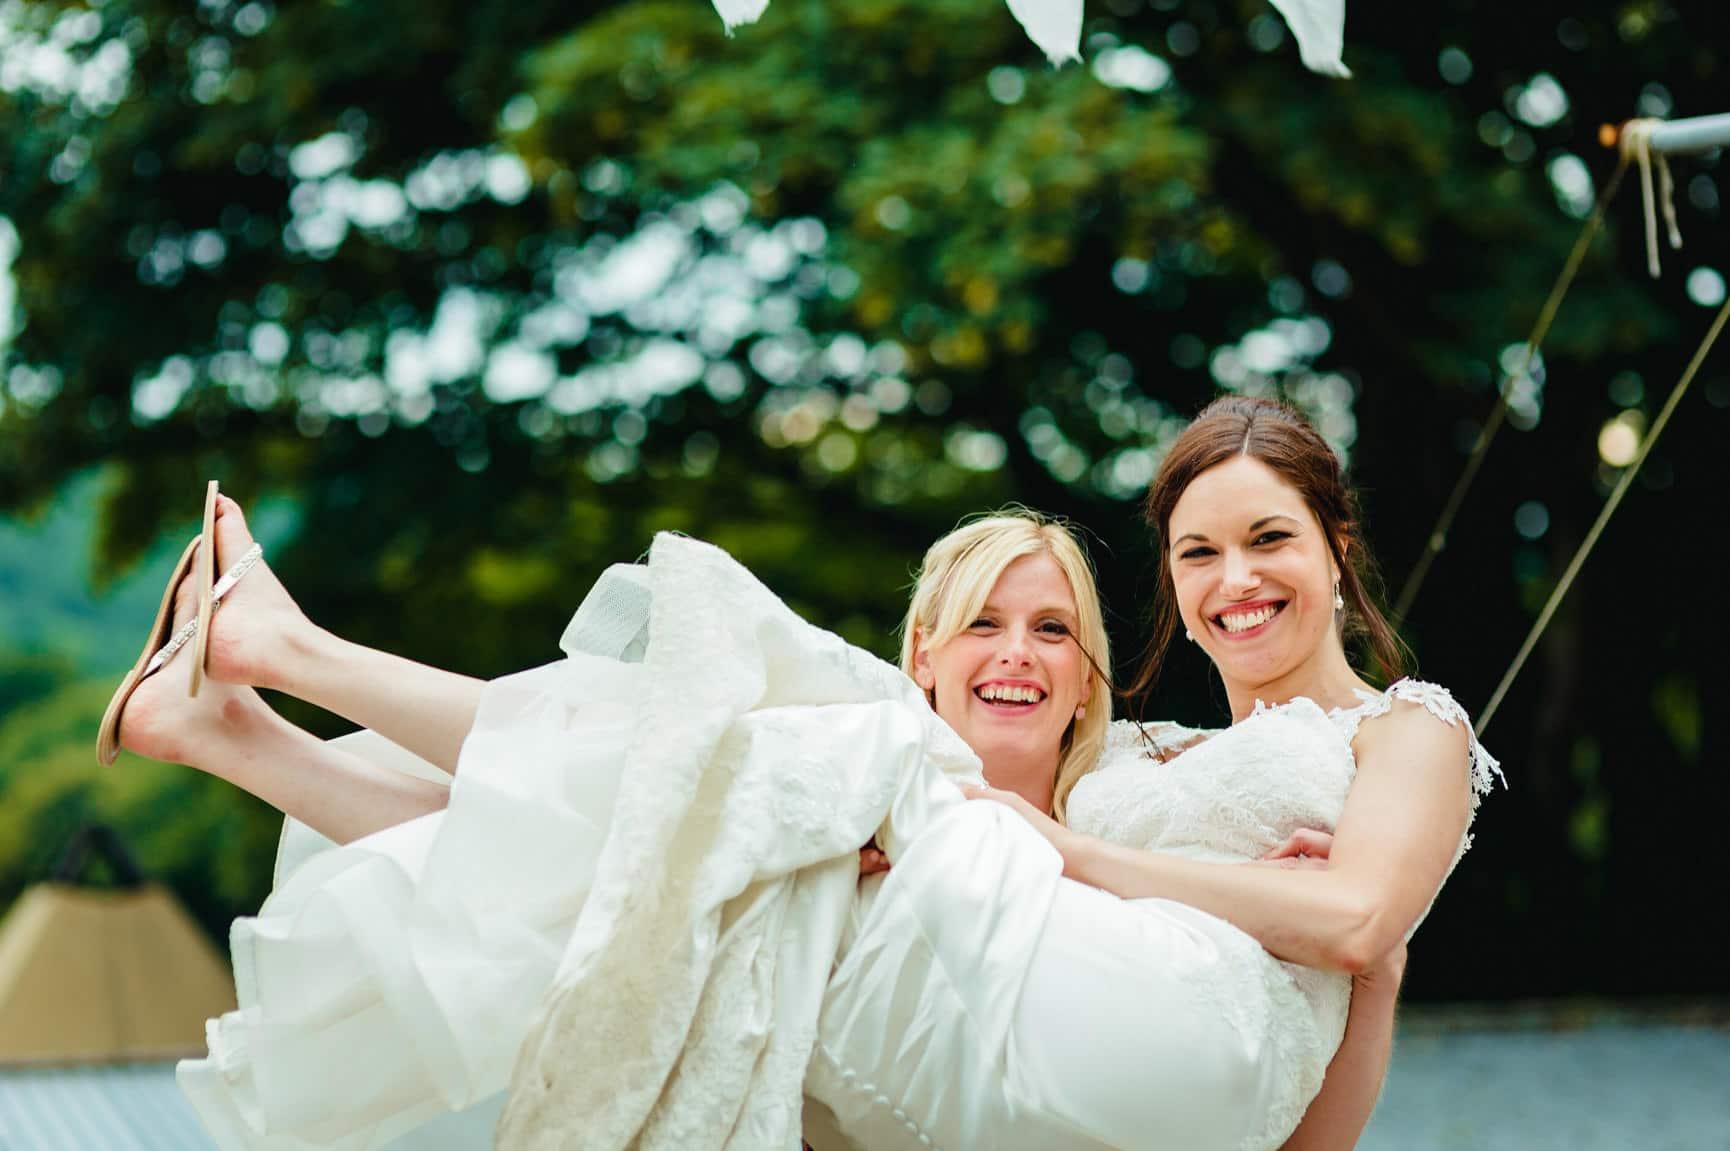 Fforest Wedding, Cardigan, Wales - Lauren and Gareth 192